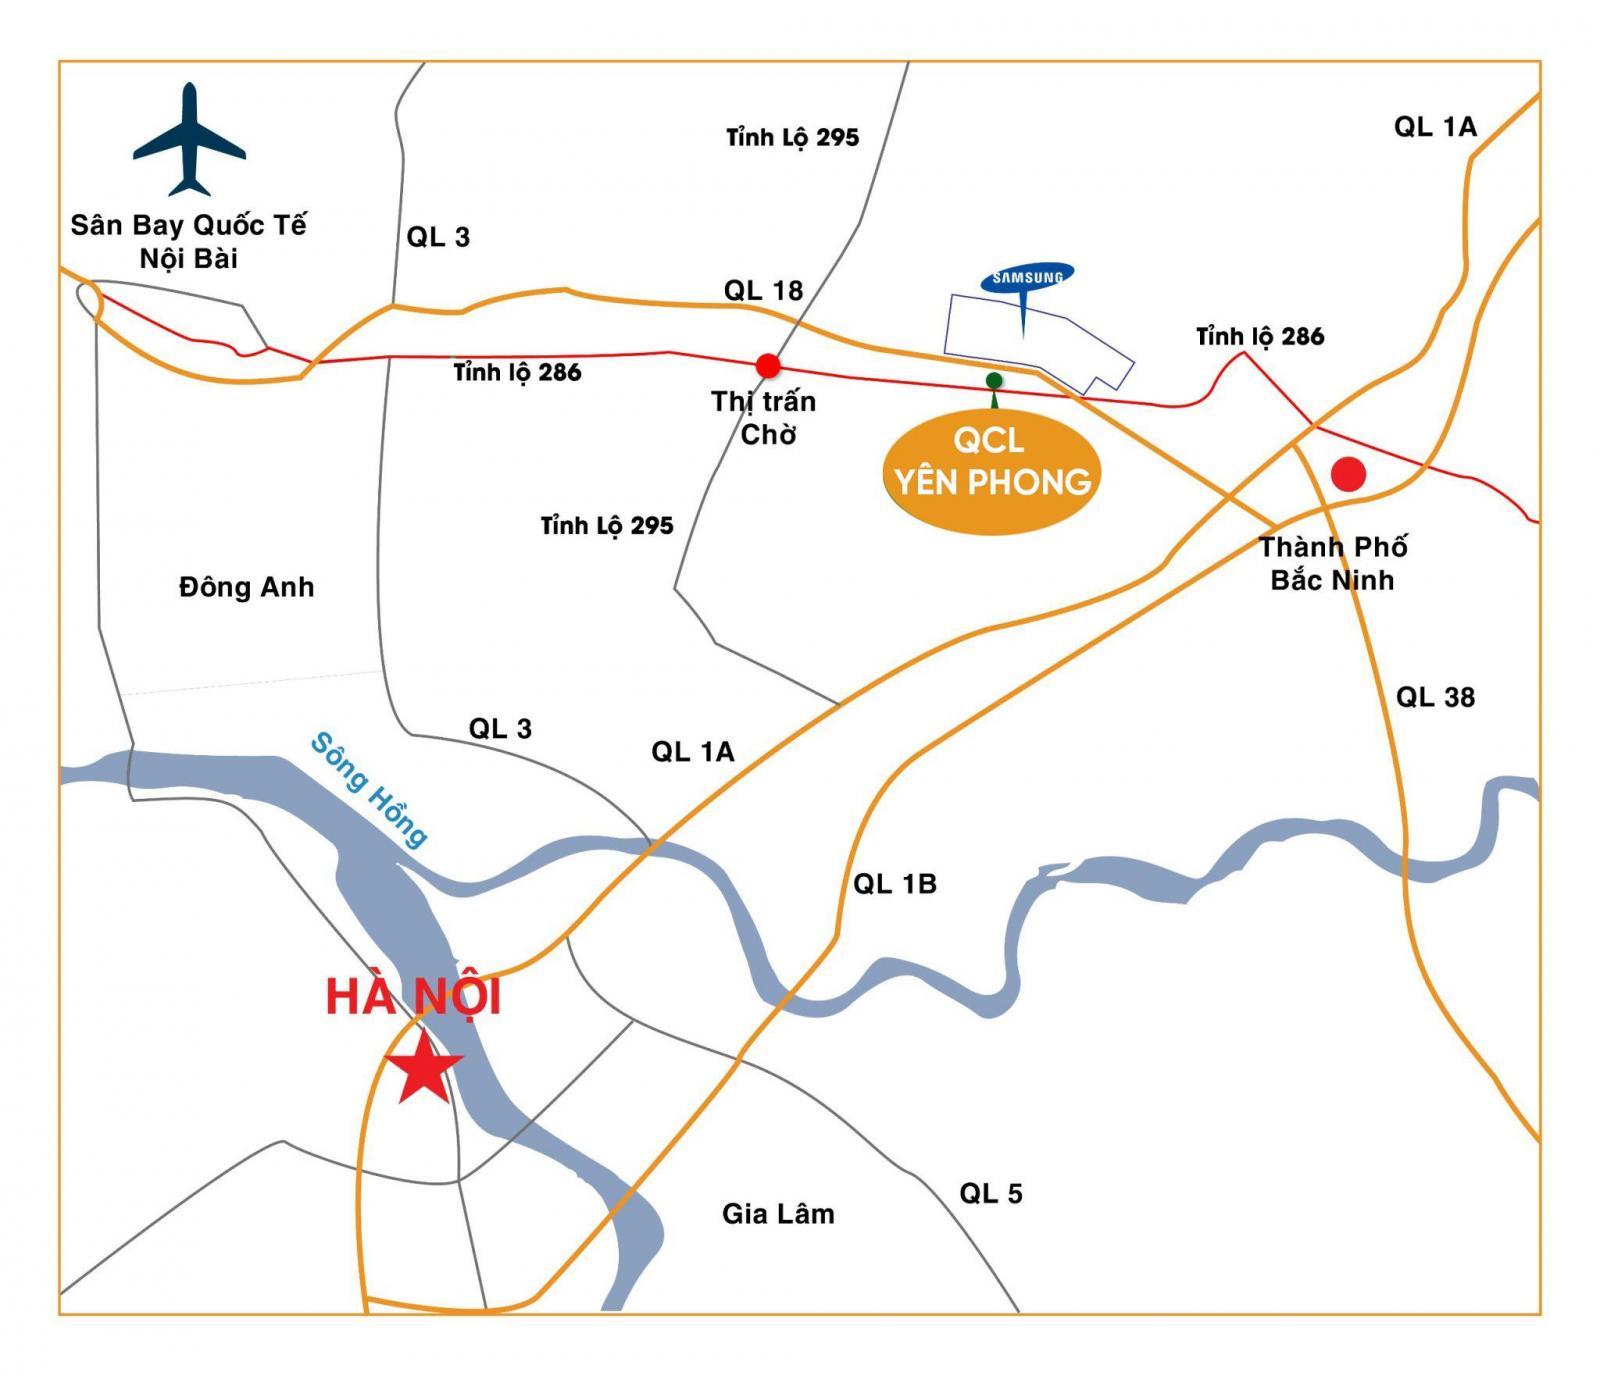 Vị trí dự án Khu đô thị QCL Yên Phong